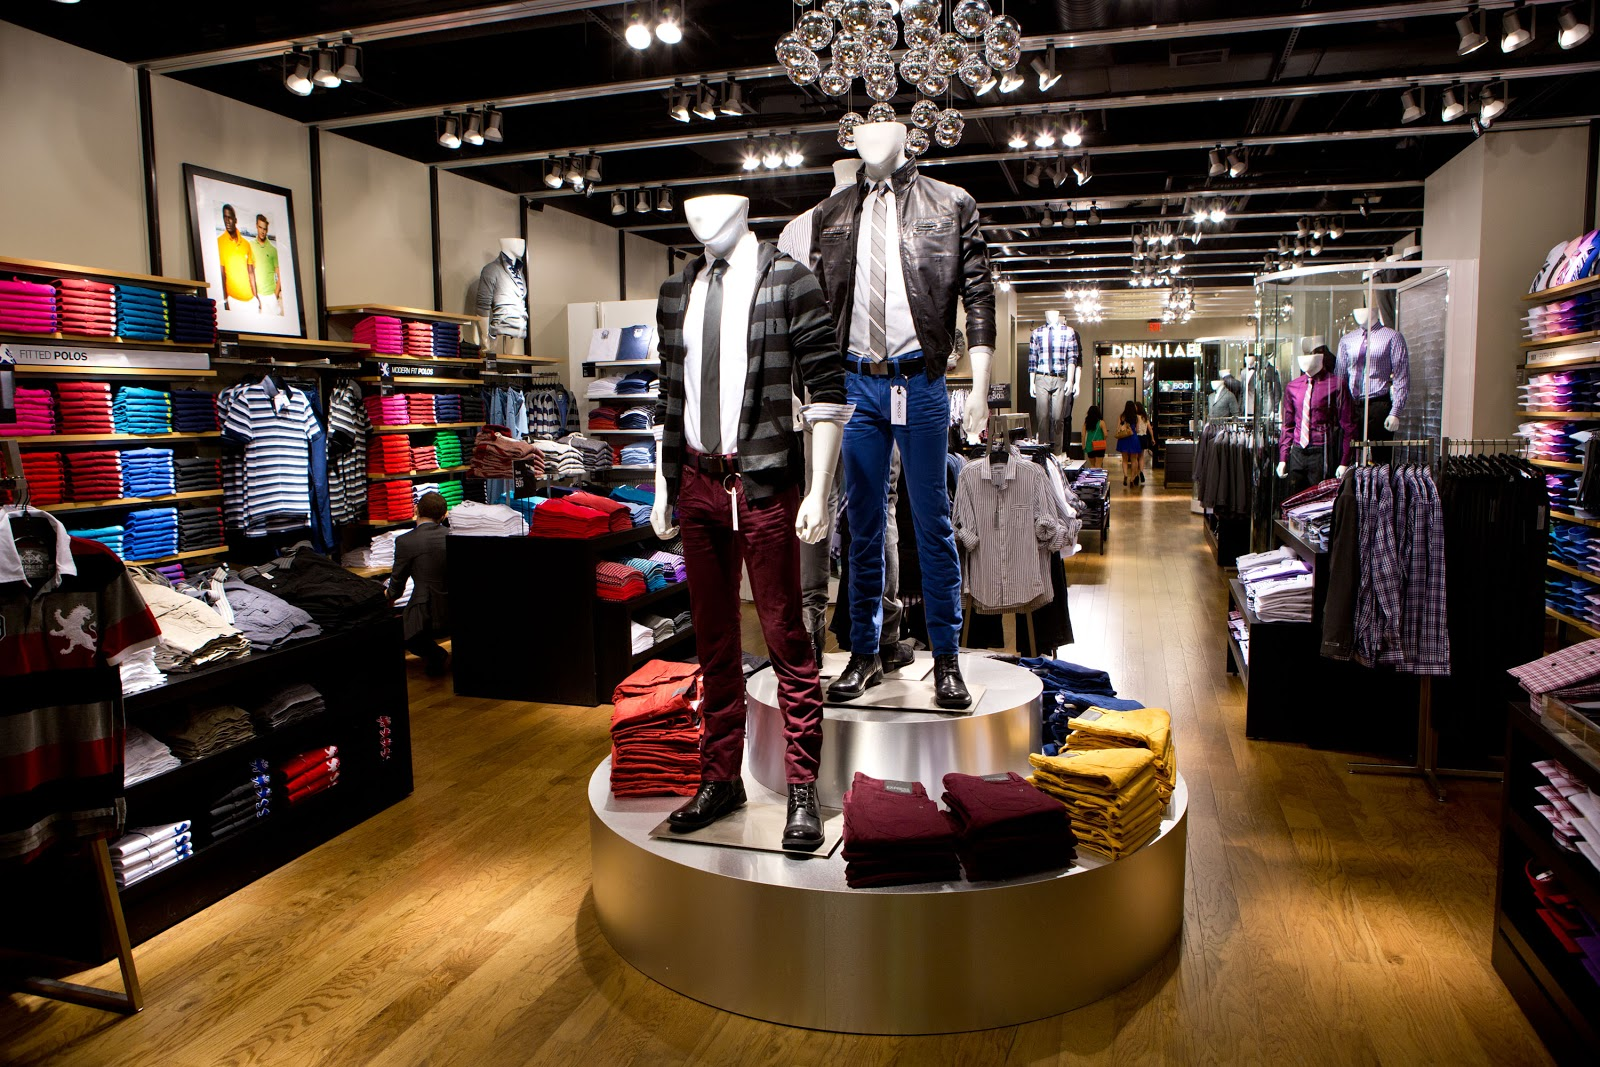 598cee71f381 Moda: 4 Ideas para organizar una tienda de ropa | EmprendedoresTV